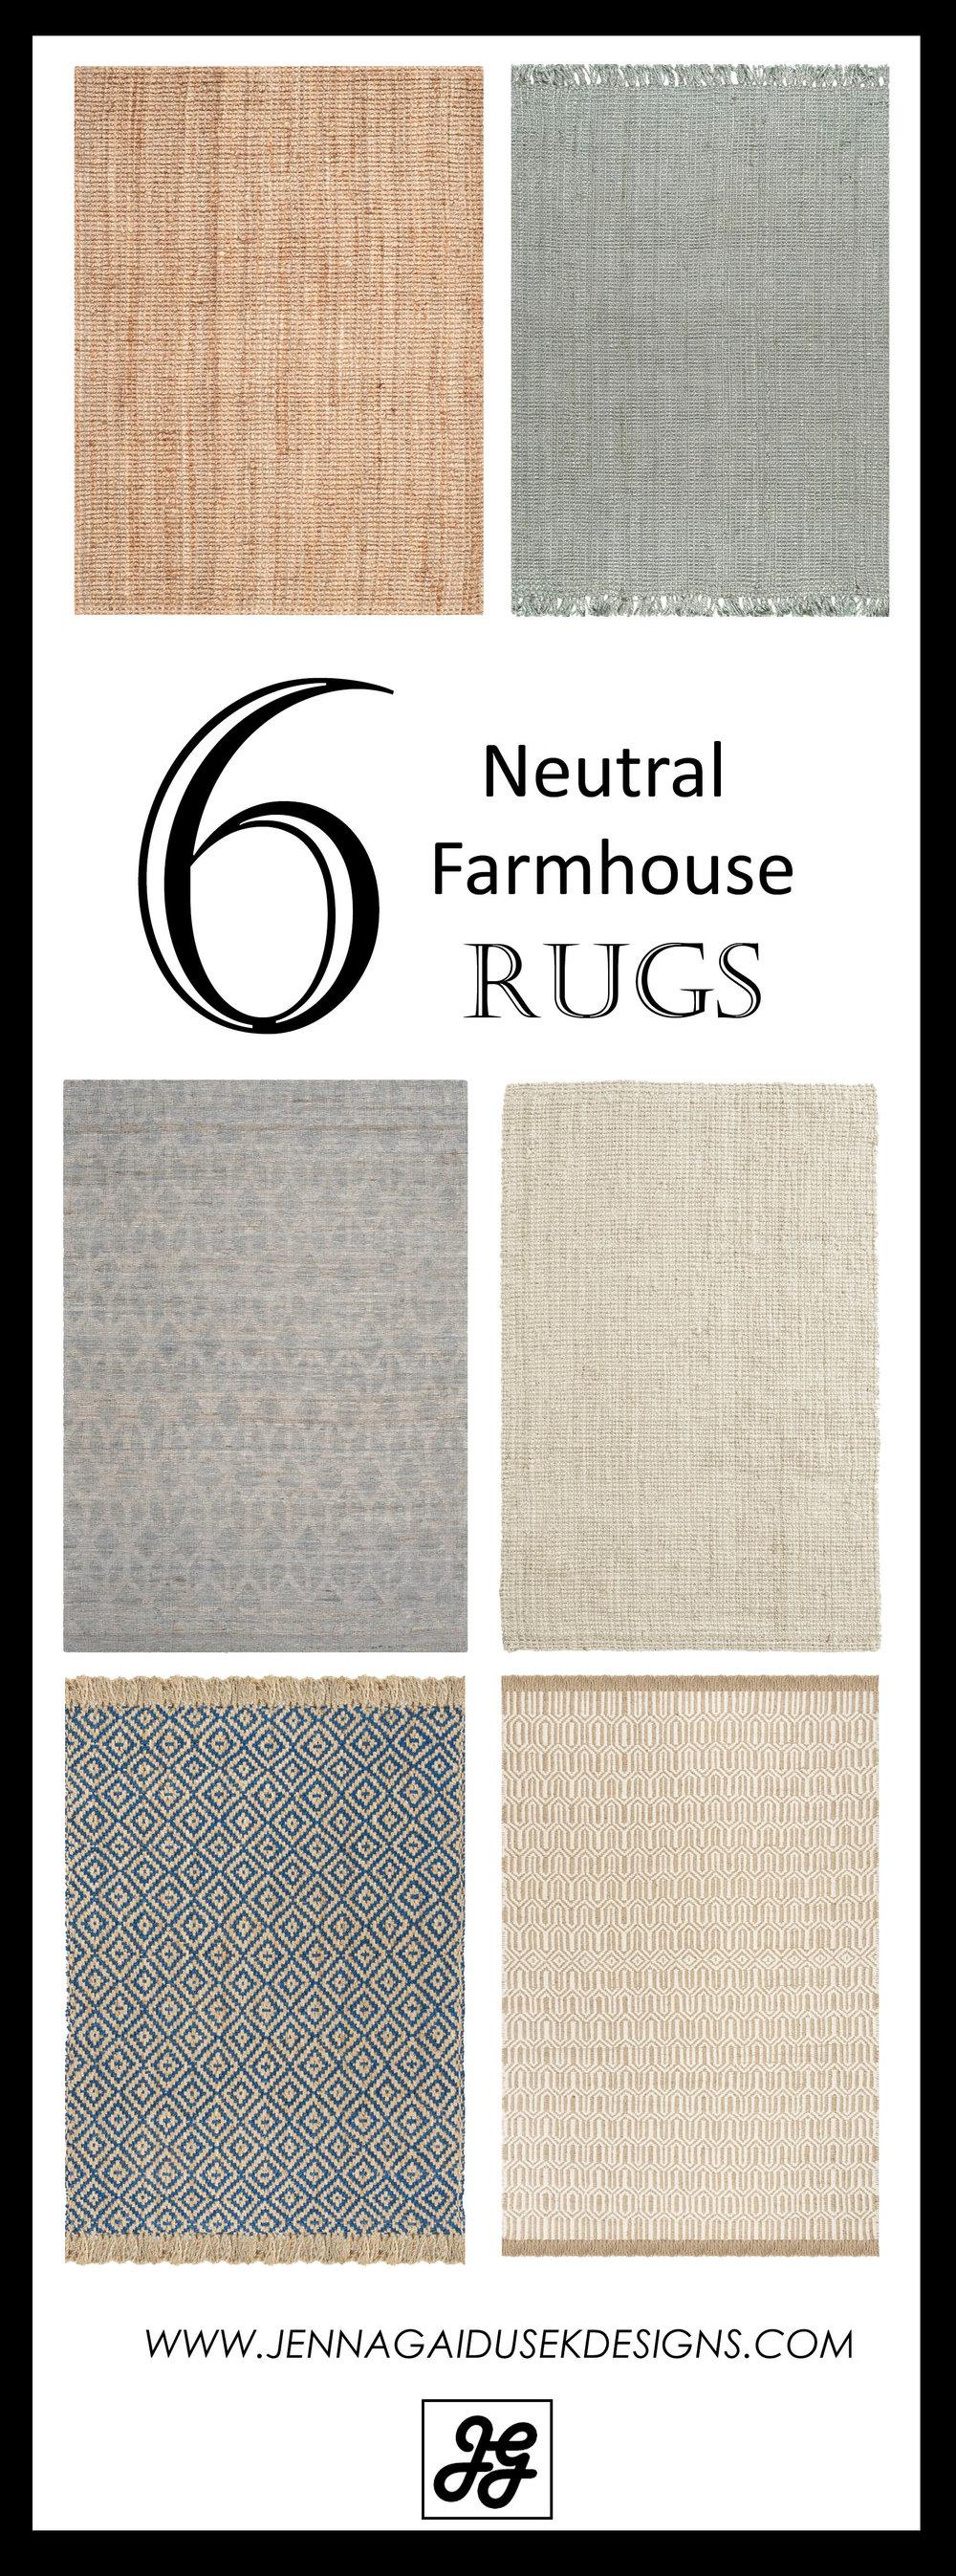 My Favorite Neutral Farmhouse rugs! -